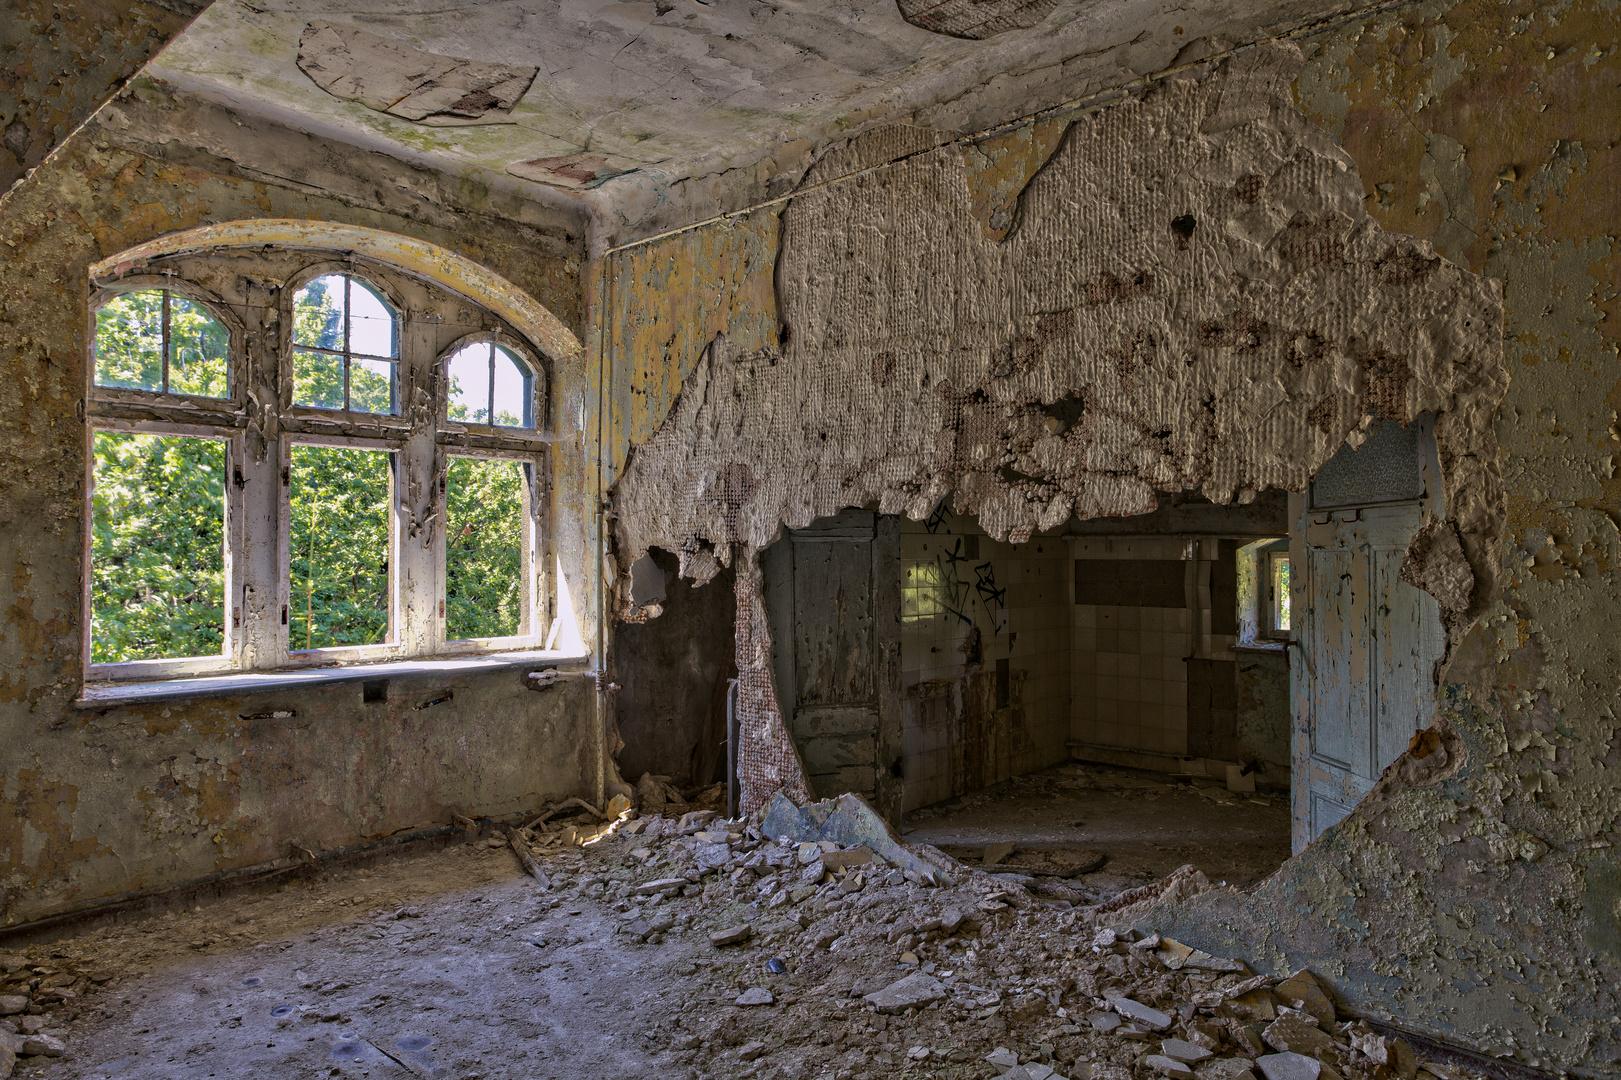 Beelitz Heilstätten - Frauensanatorium (65)